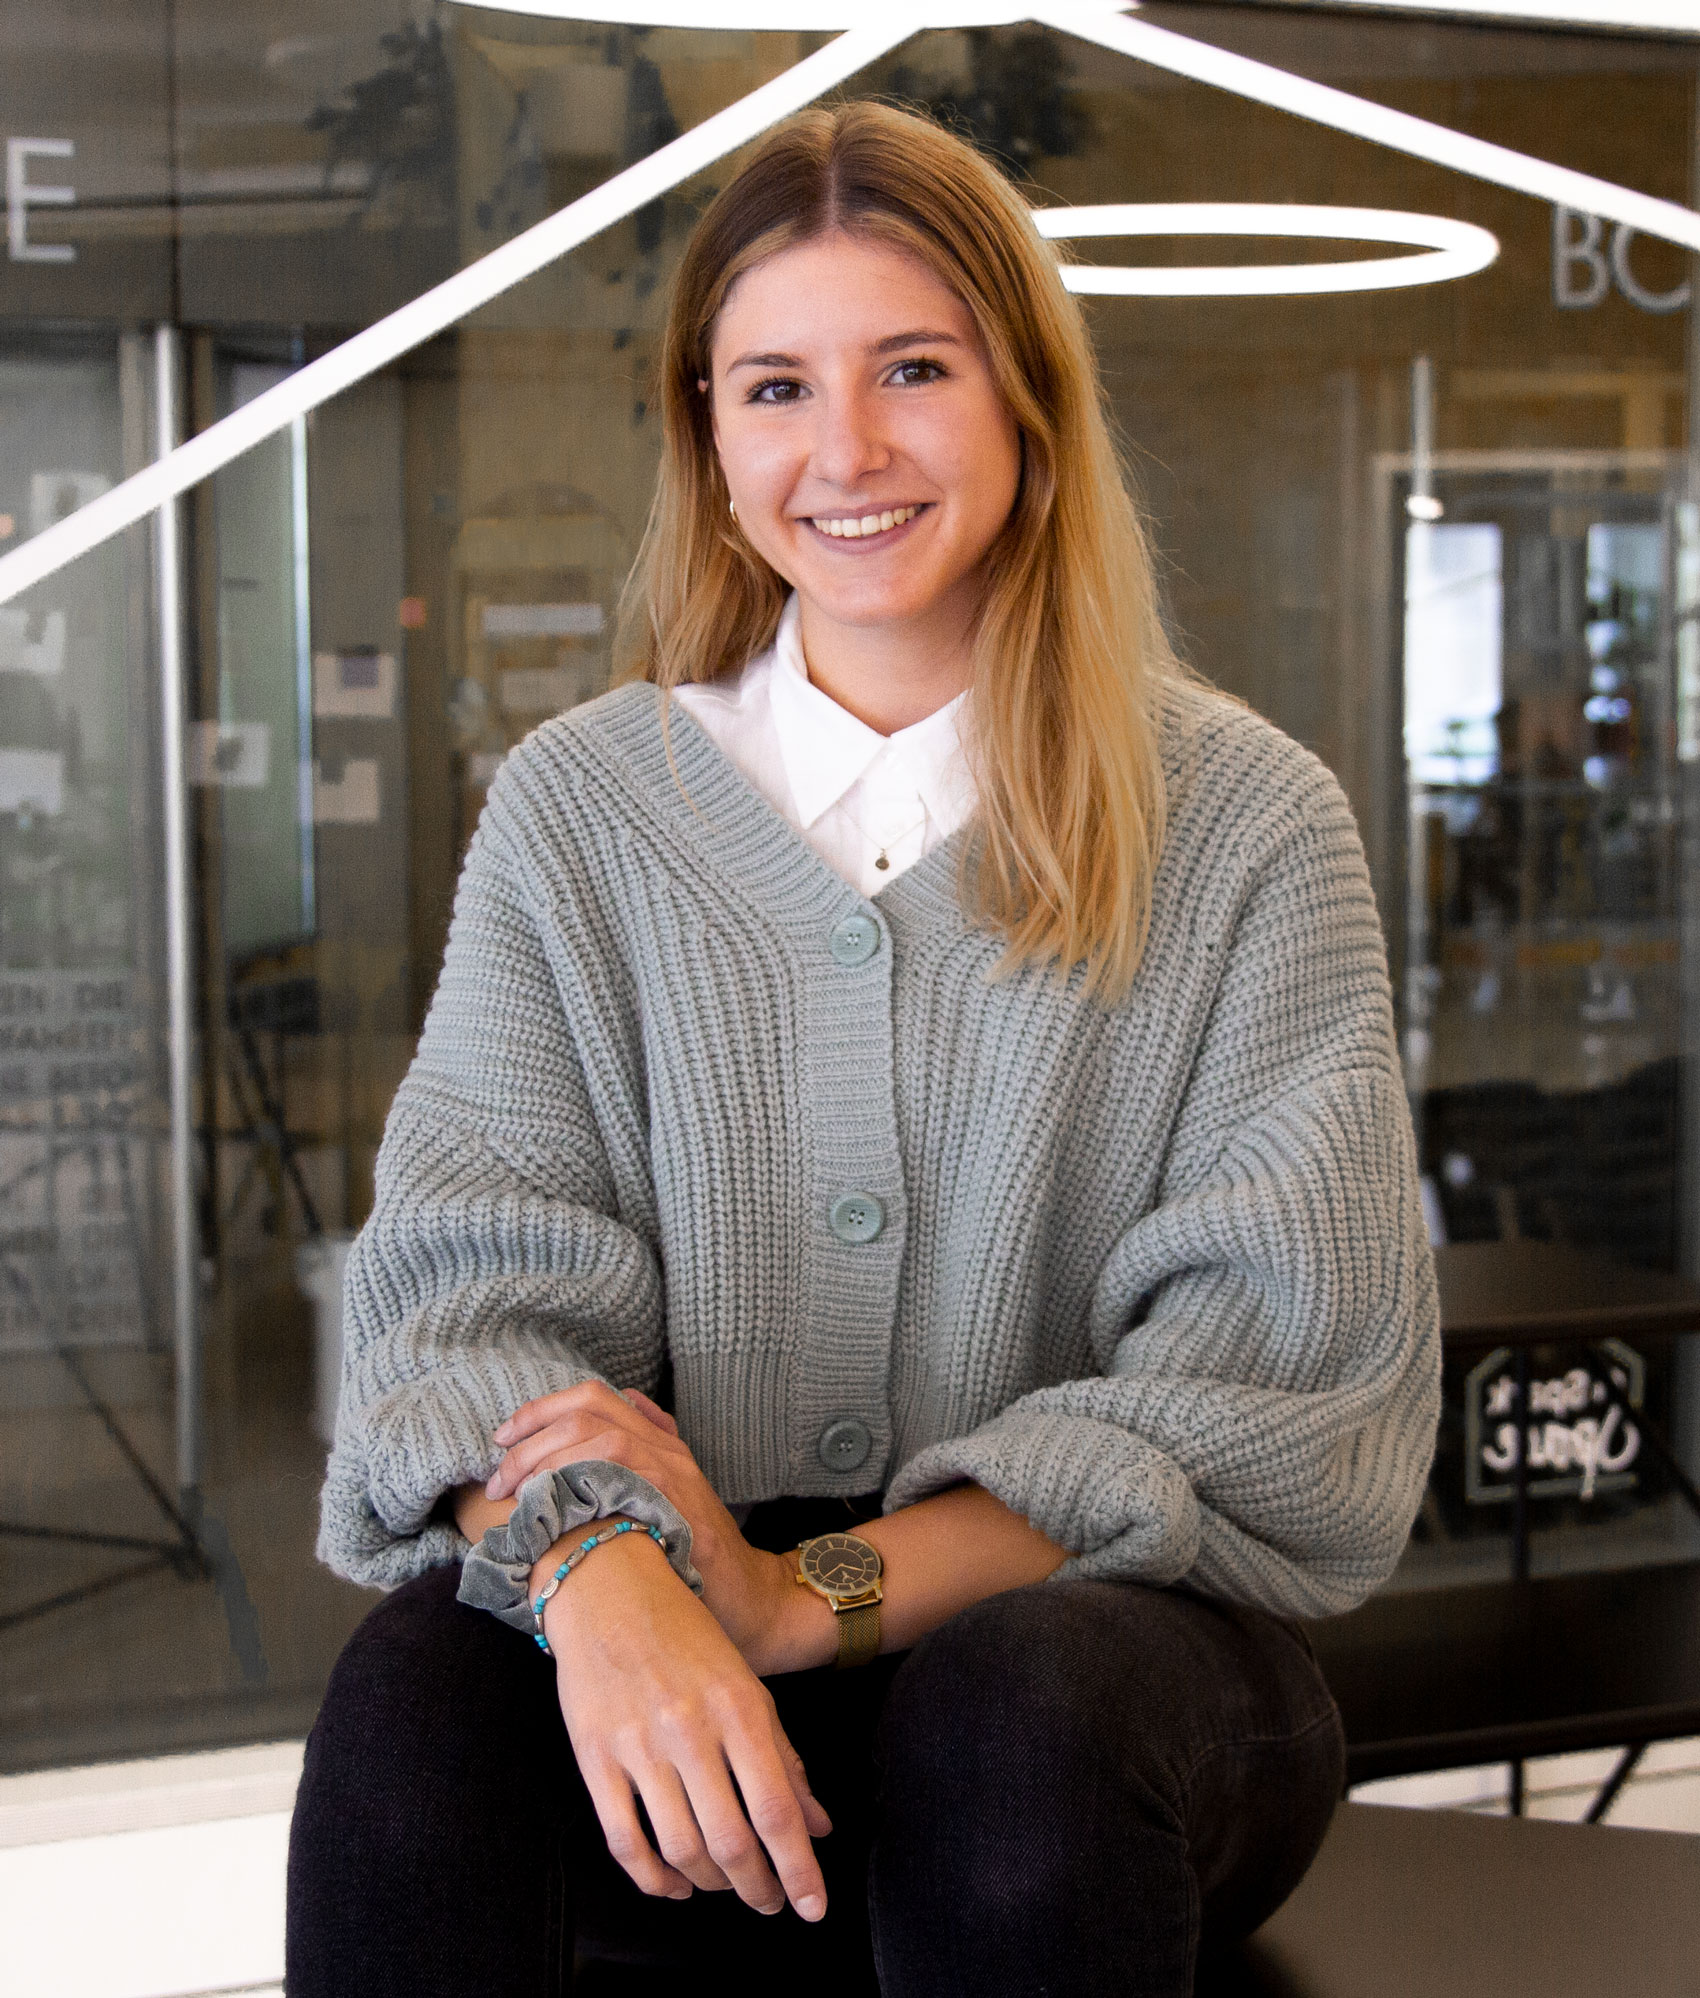 Alexandra Infanger